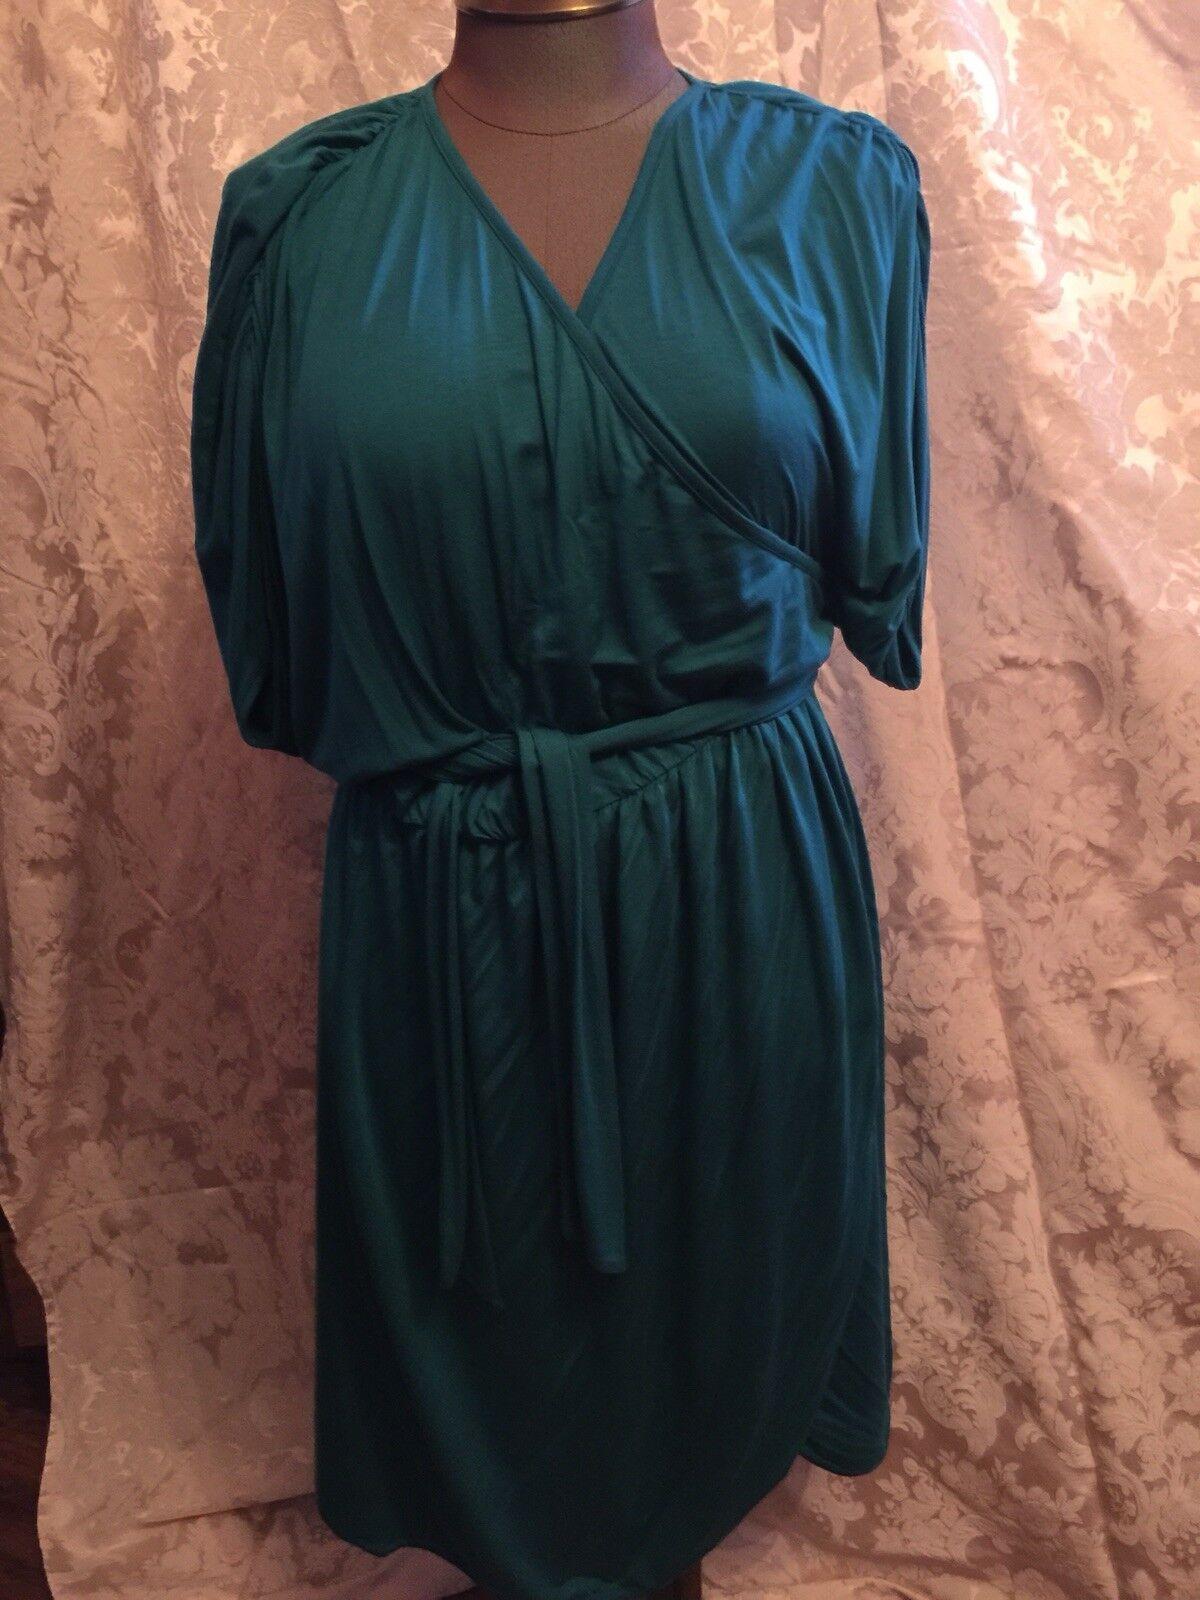 Rachel pally 2x Teal wraparound dress